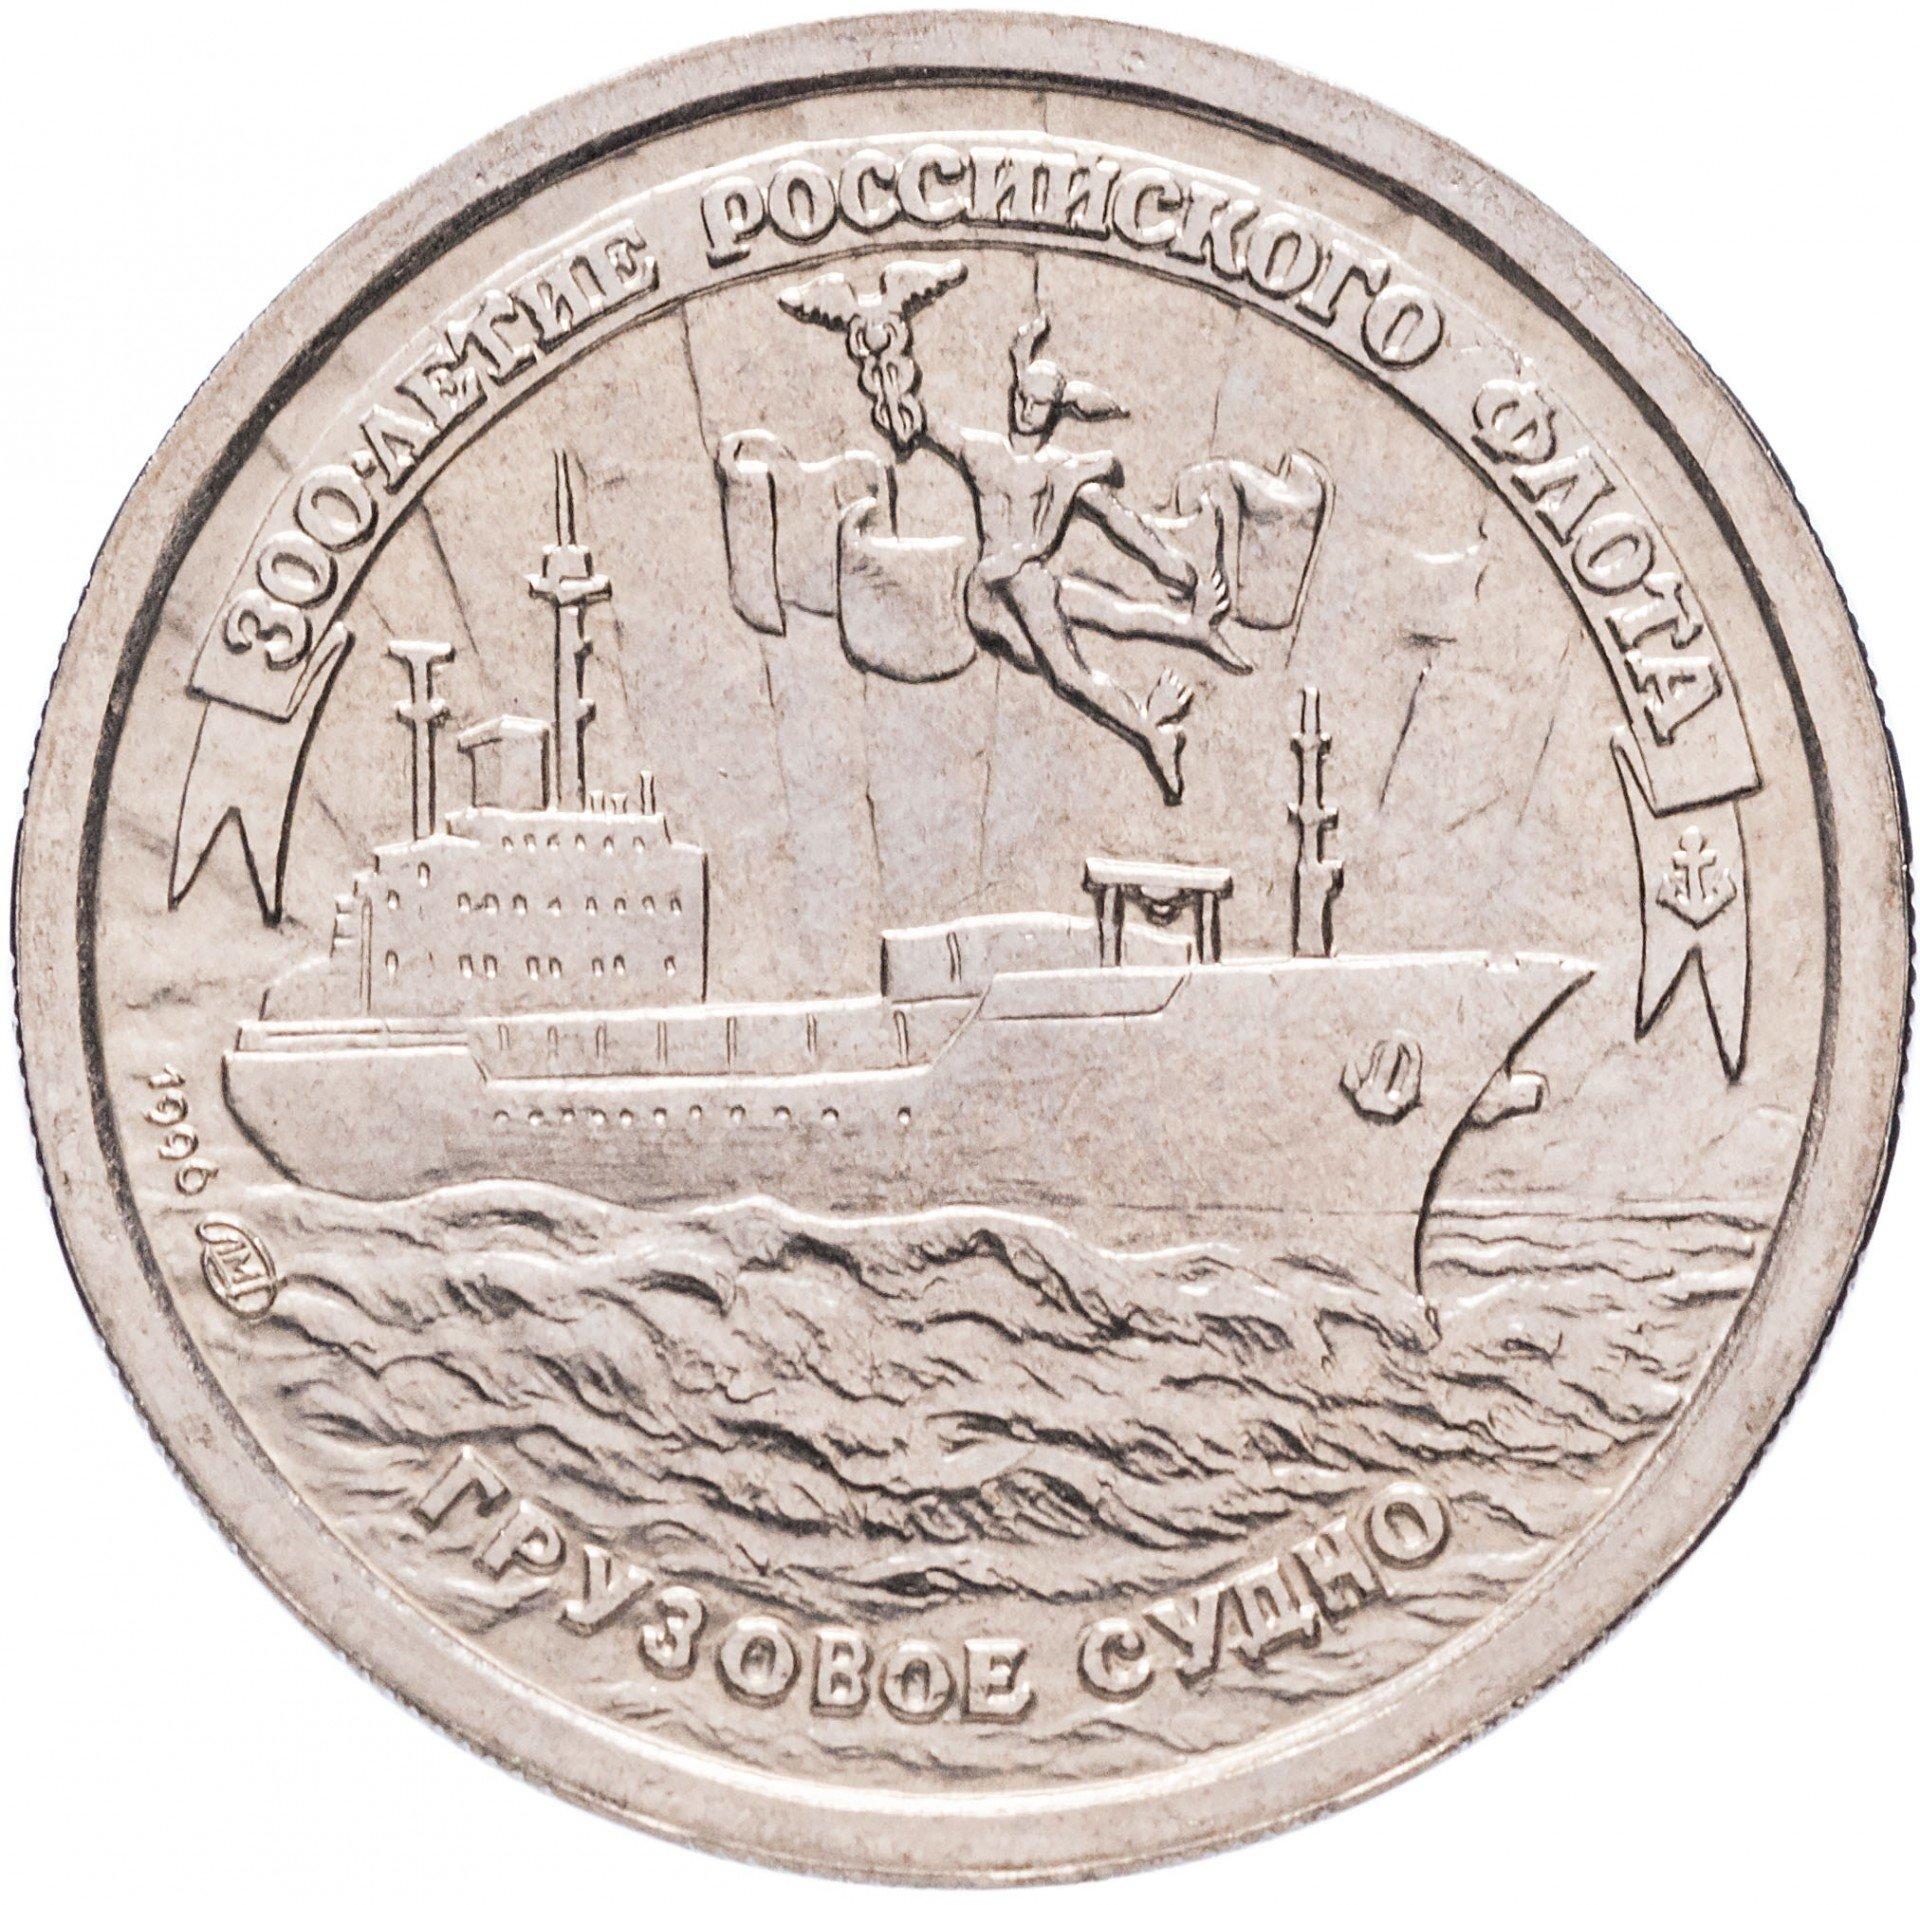 10 рублей - Грузовое судно